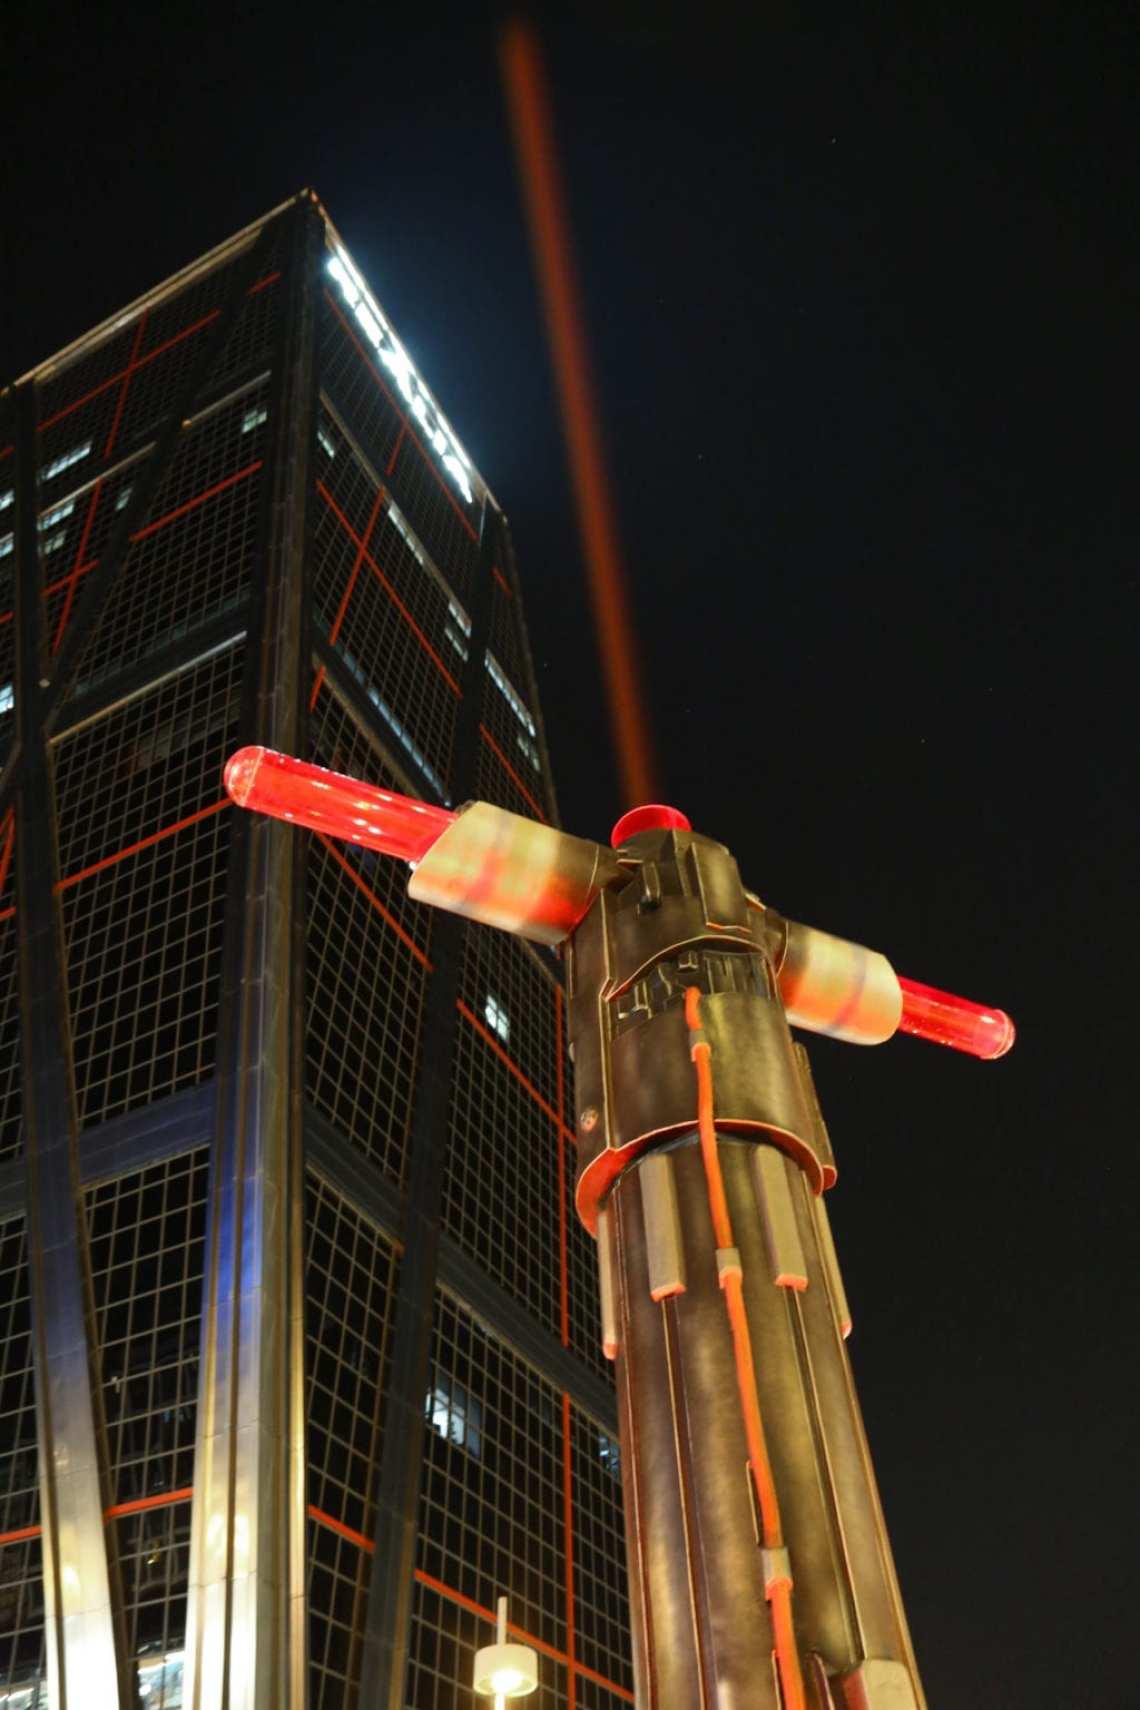 PLAZA DE CASTILLA - Las espadas láser de Star Wars iluminan Madrid